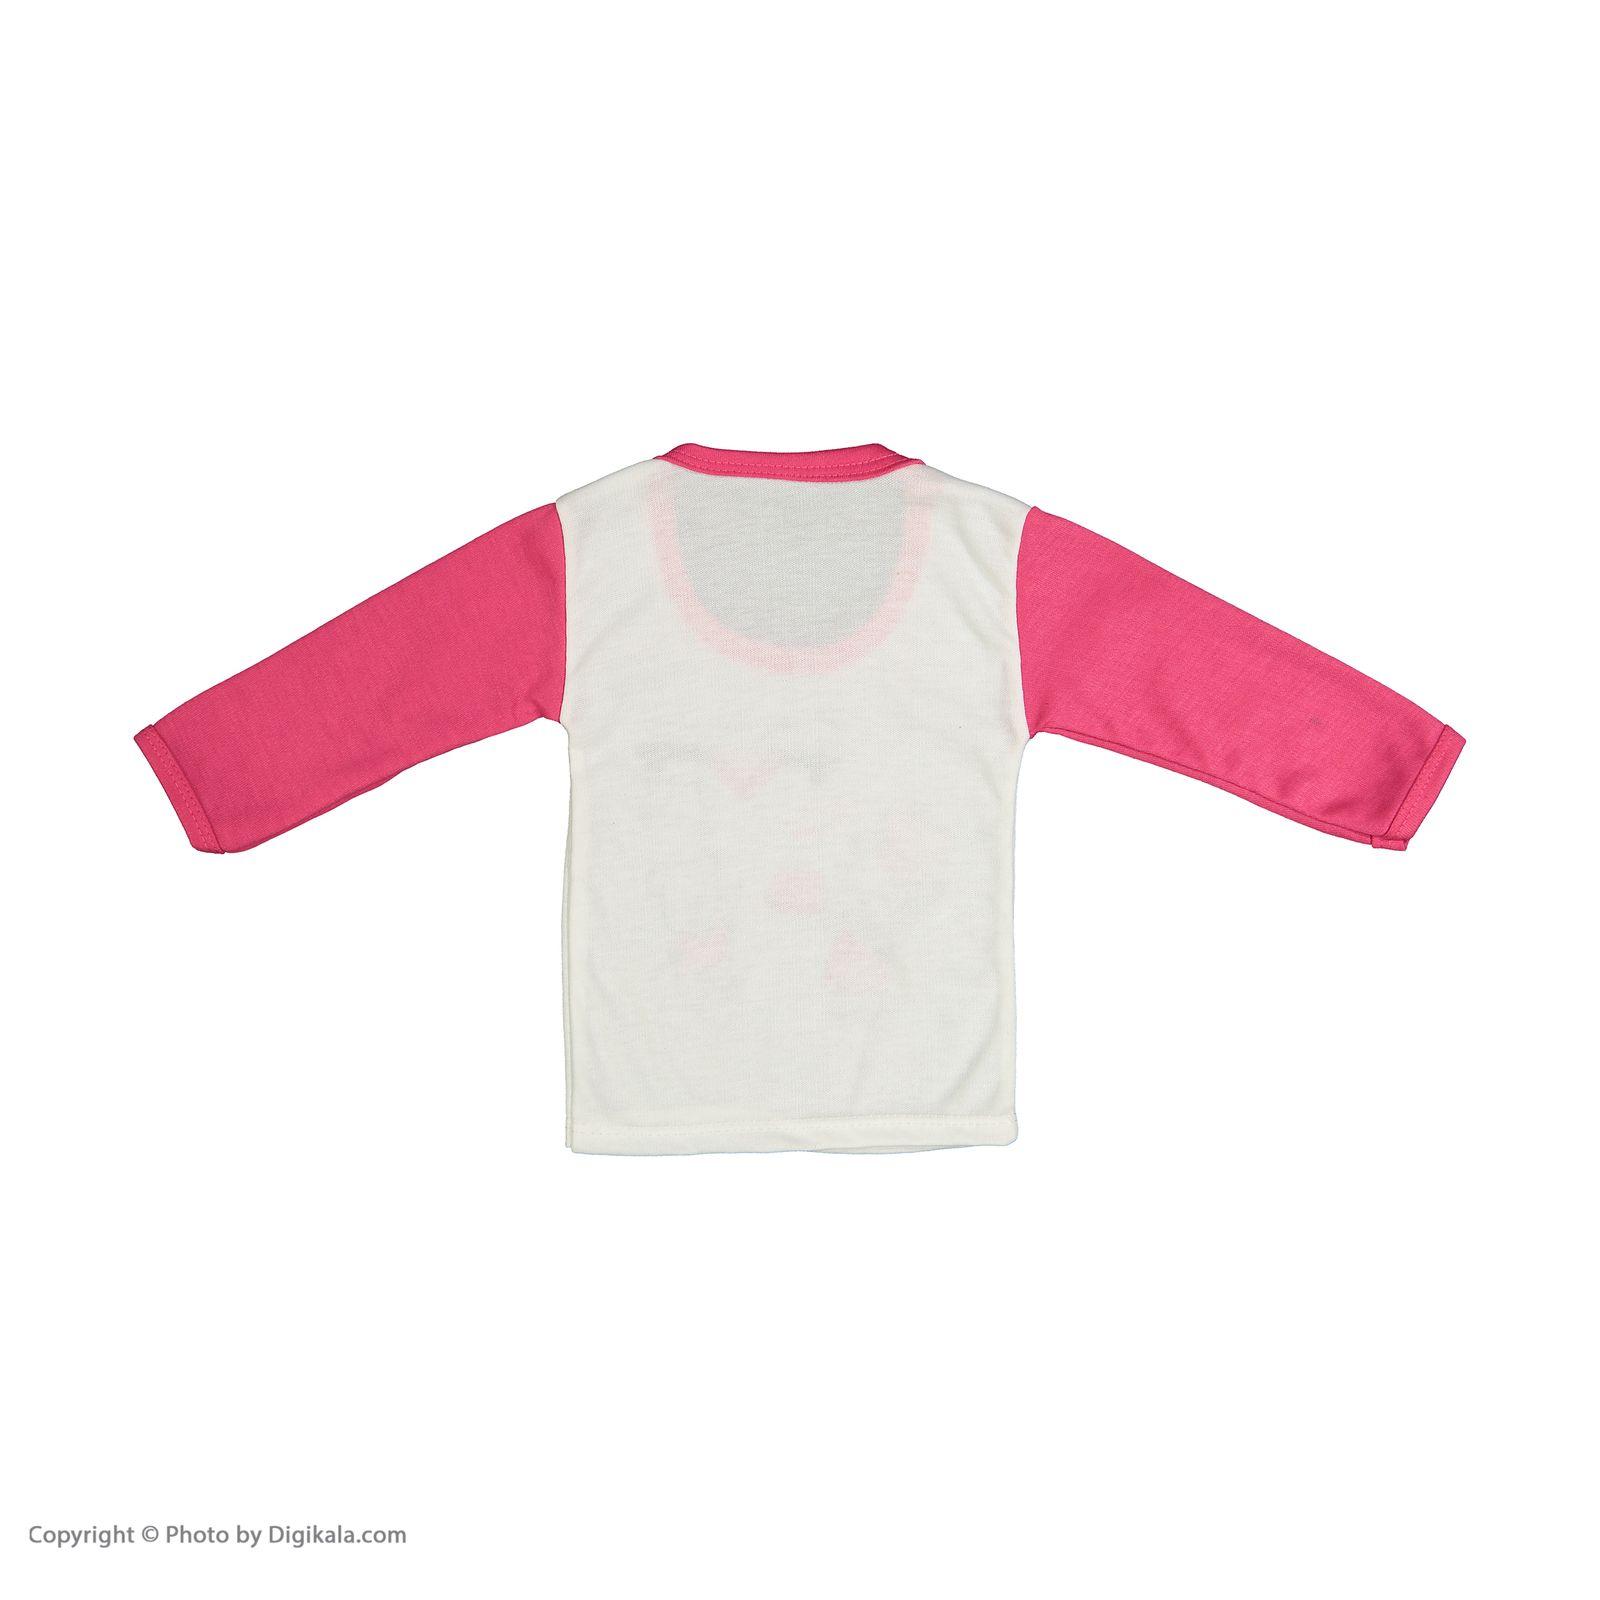 ست 5 تکه لباس نوزادی کد 17 -  - 11